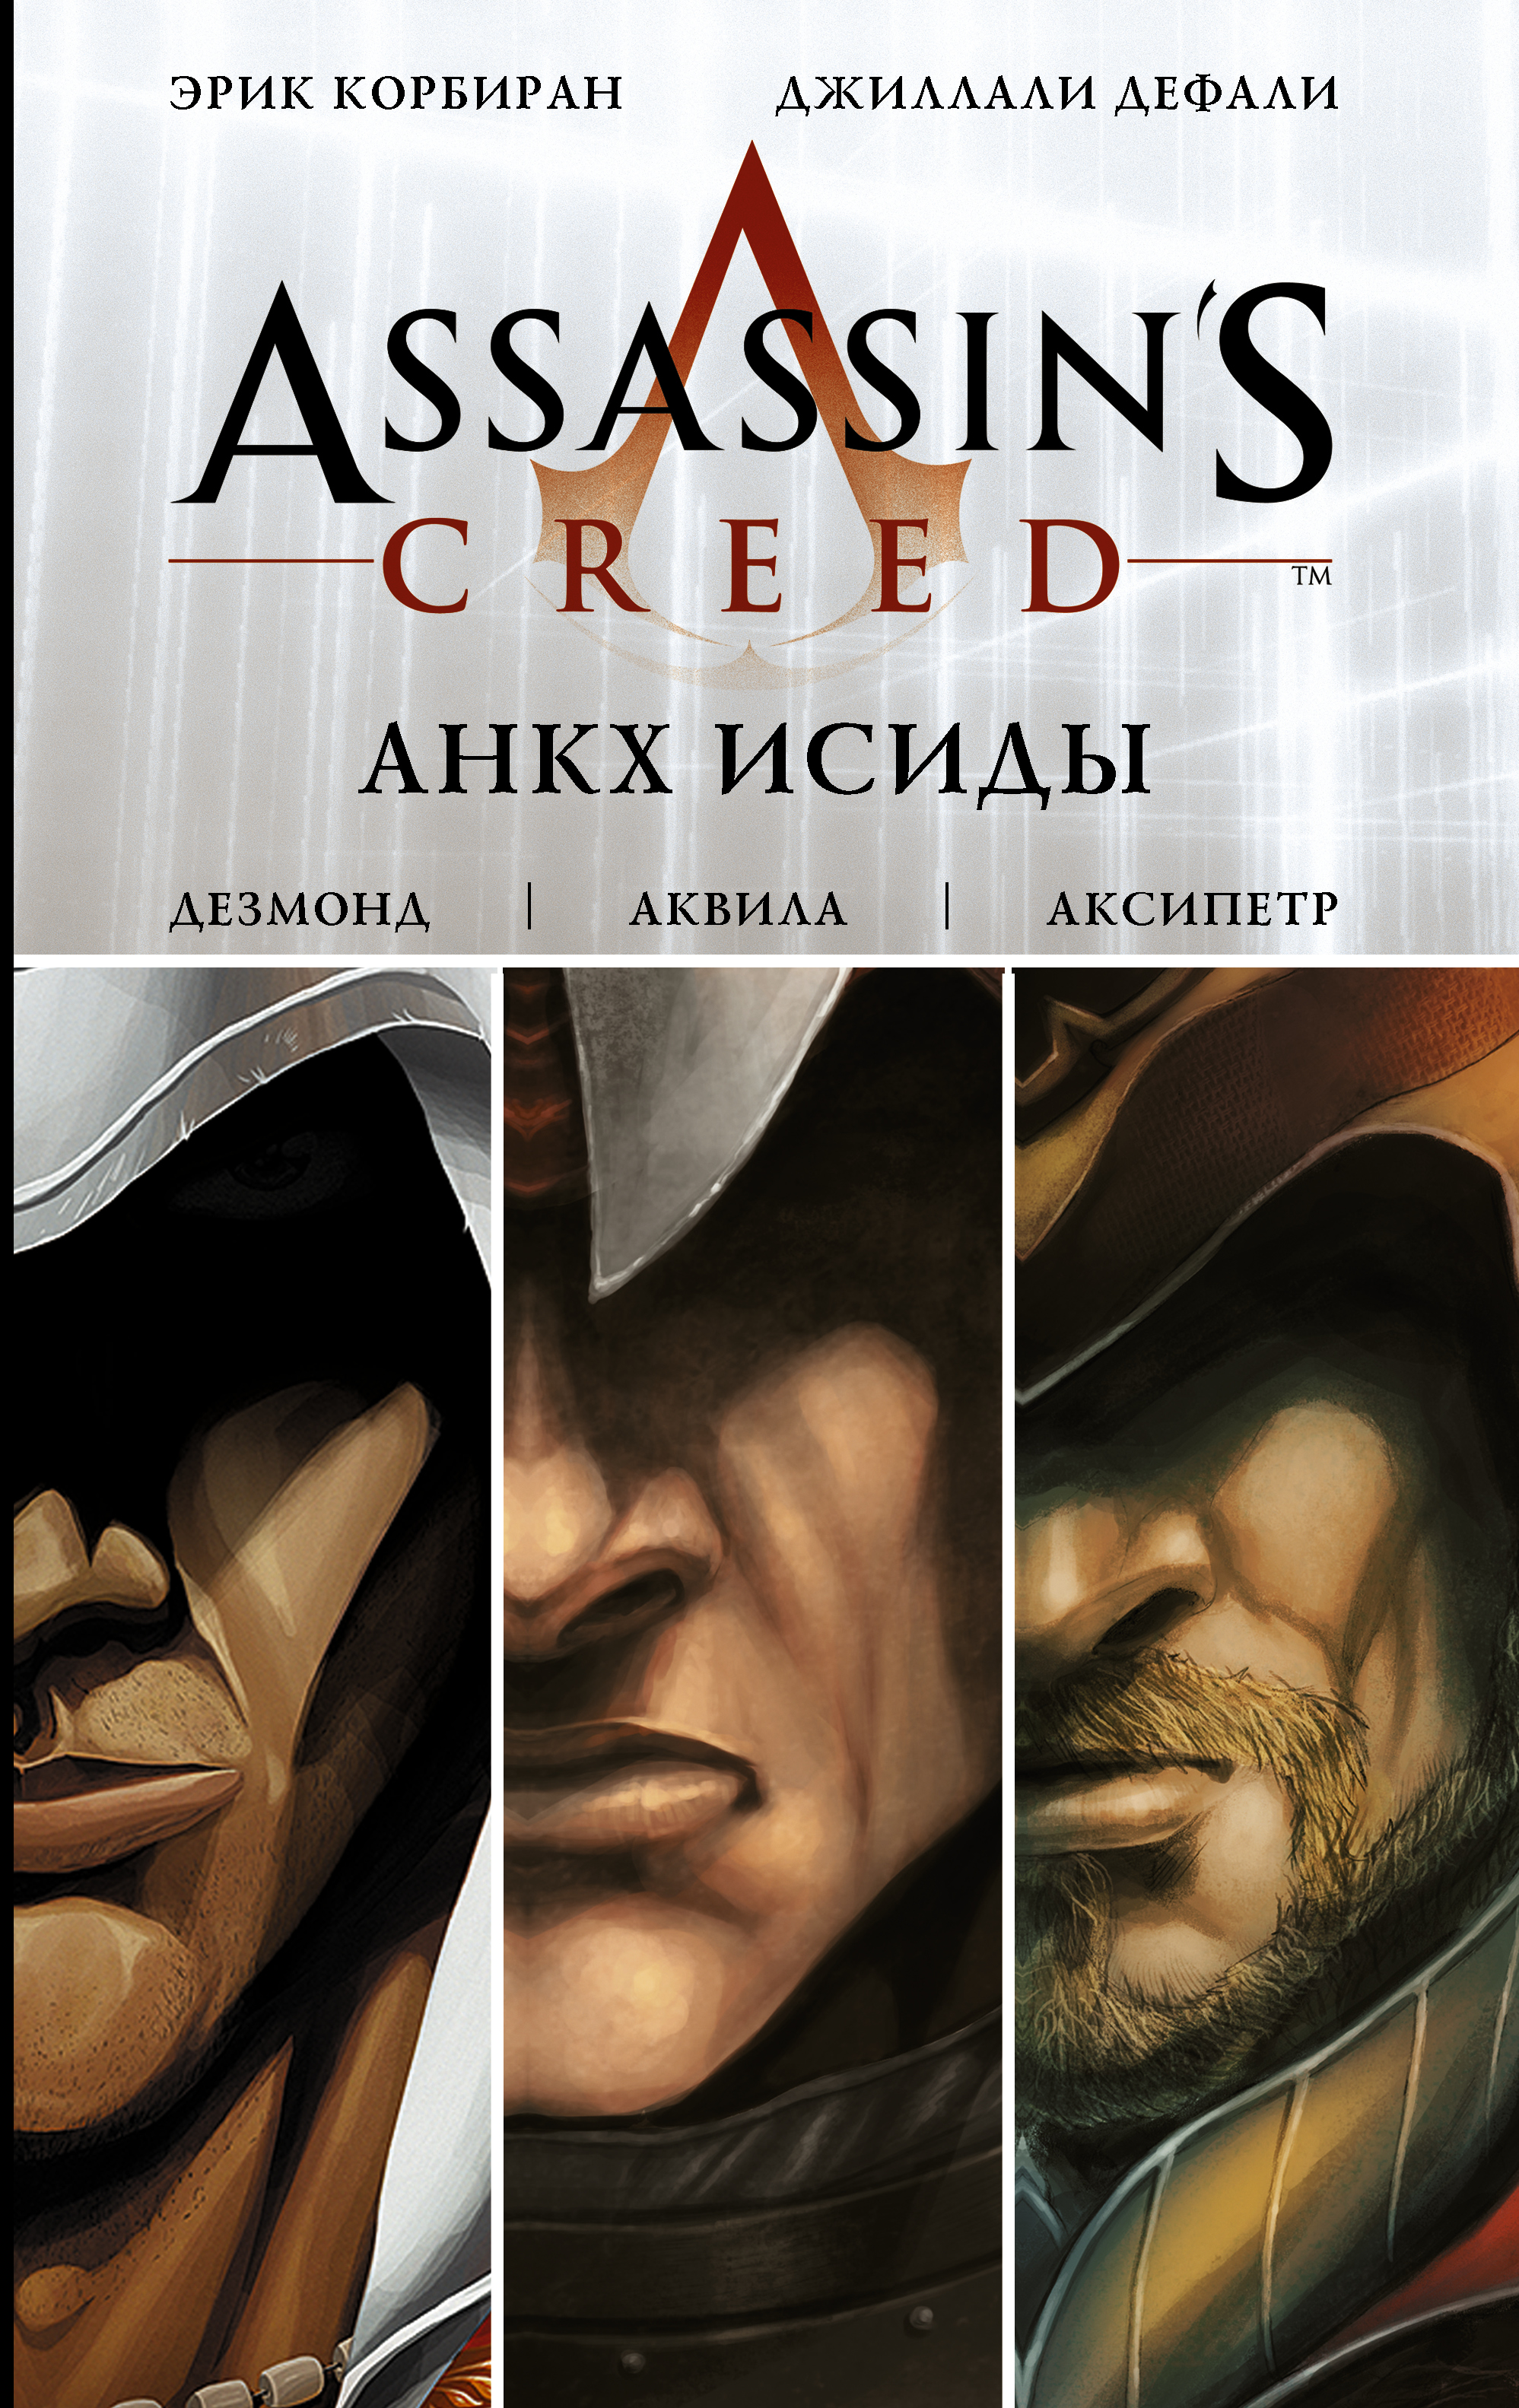 Книга Assassin's Creed: Анкх Исиды. Эрик Корбиран, Джиллали Дефали